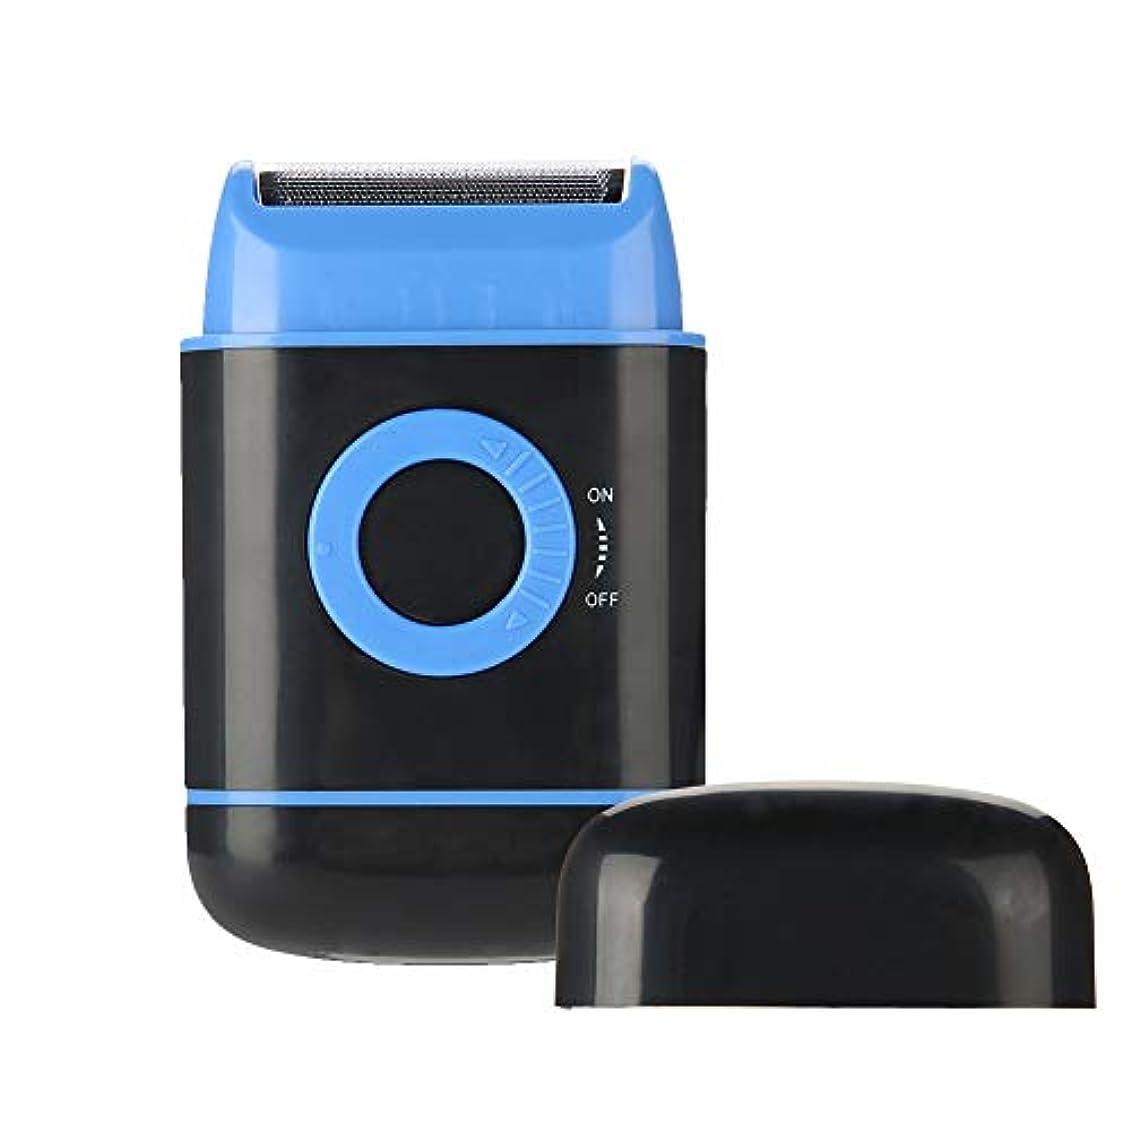 比類なき緯度違反する電気シェーバー 剃刀 男性 超薄型箔ポップアップひげトリマー単3電池のパワーシェービングカミソリ (ブルー)